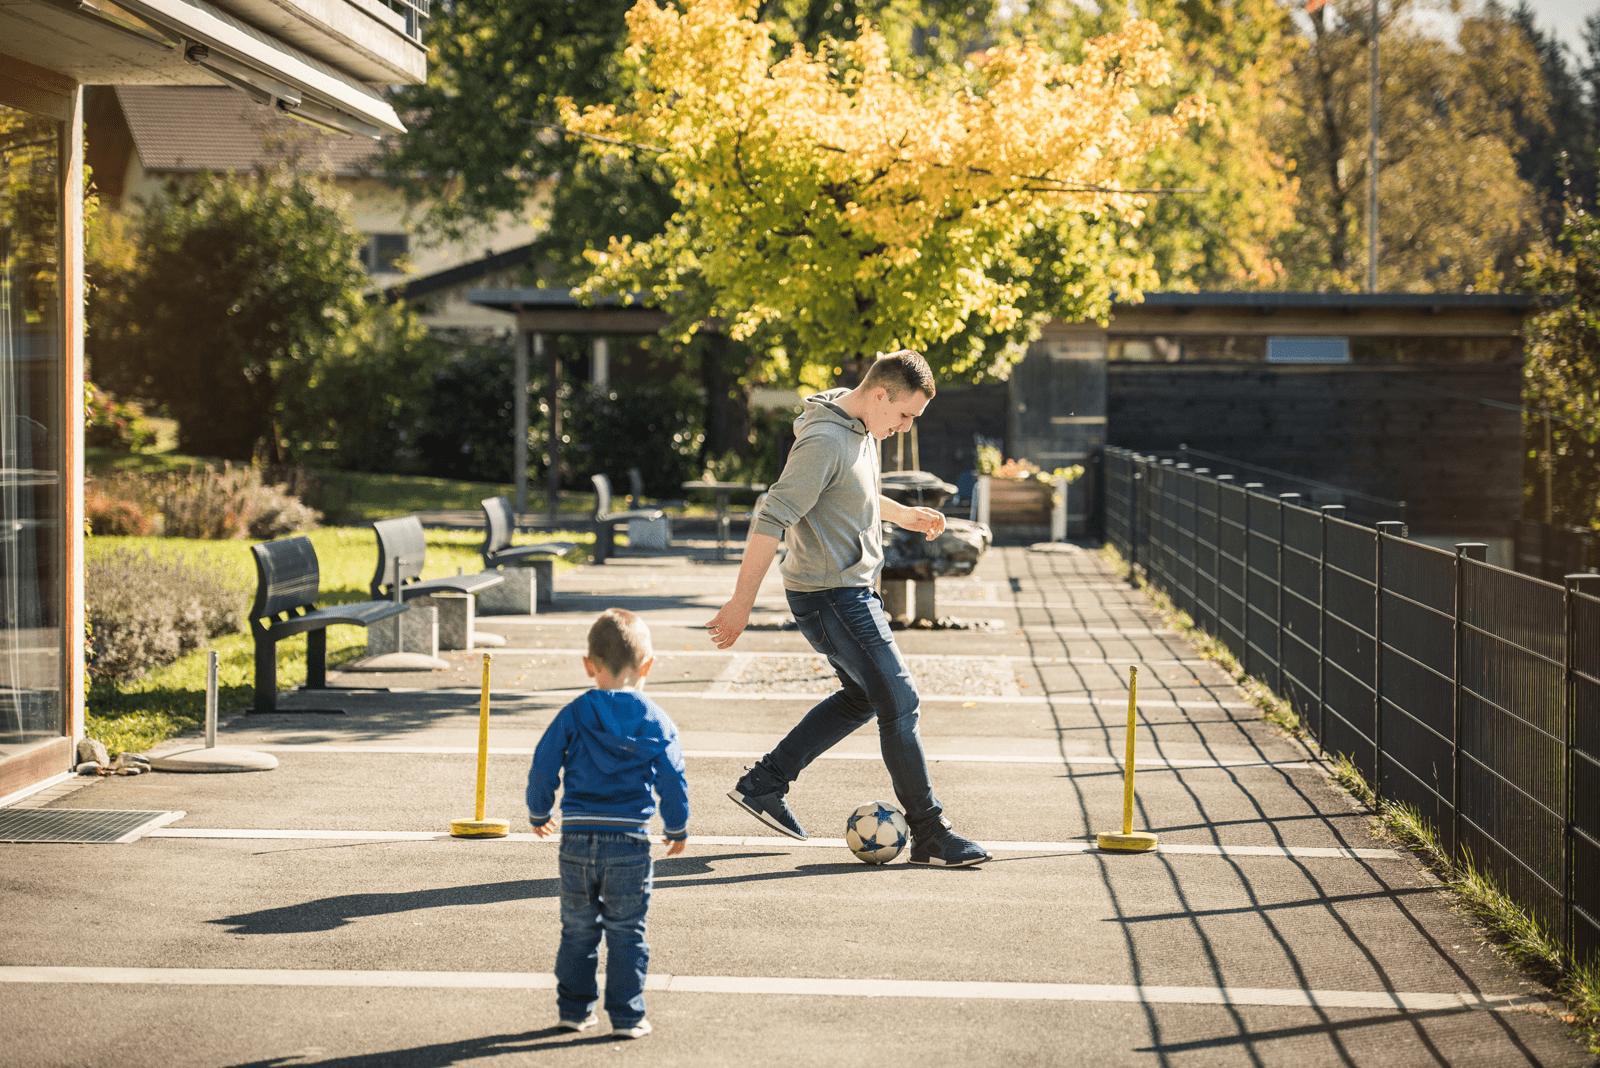 Hier spielen die Fussballprofis. Kinderbetruer spielt mit Knabe draussen Fussball.